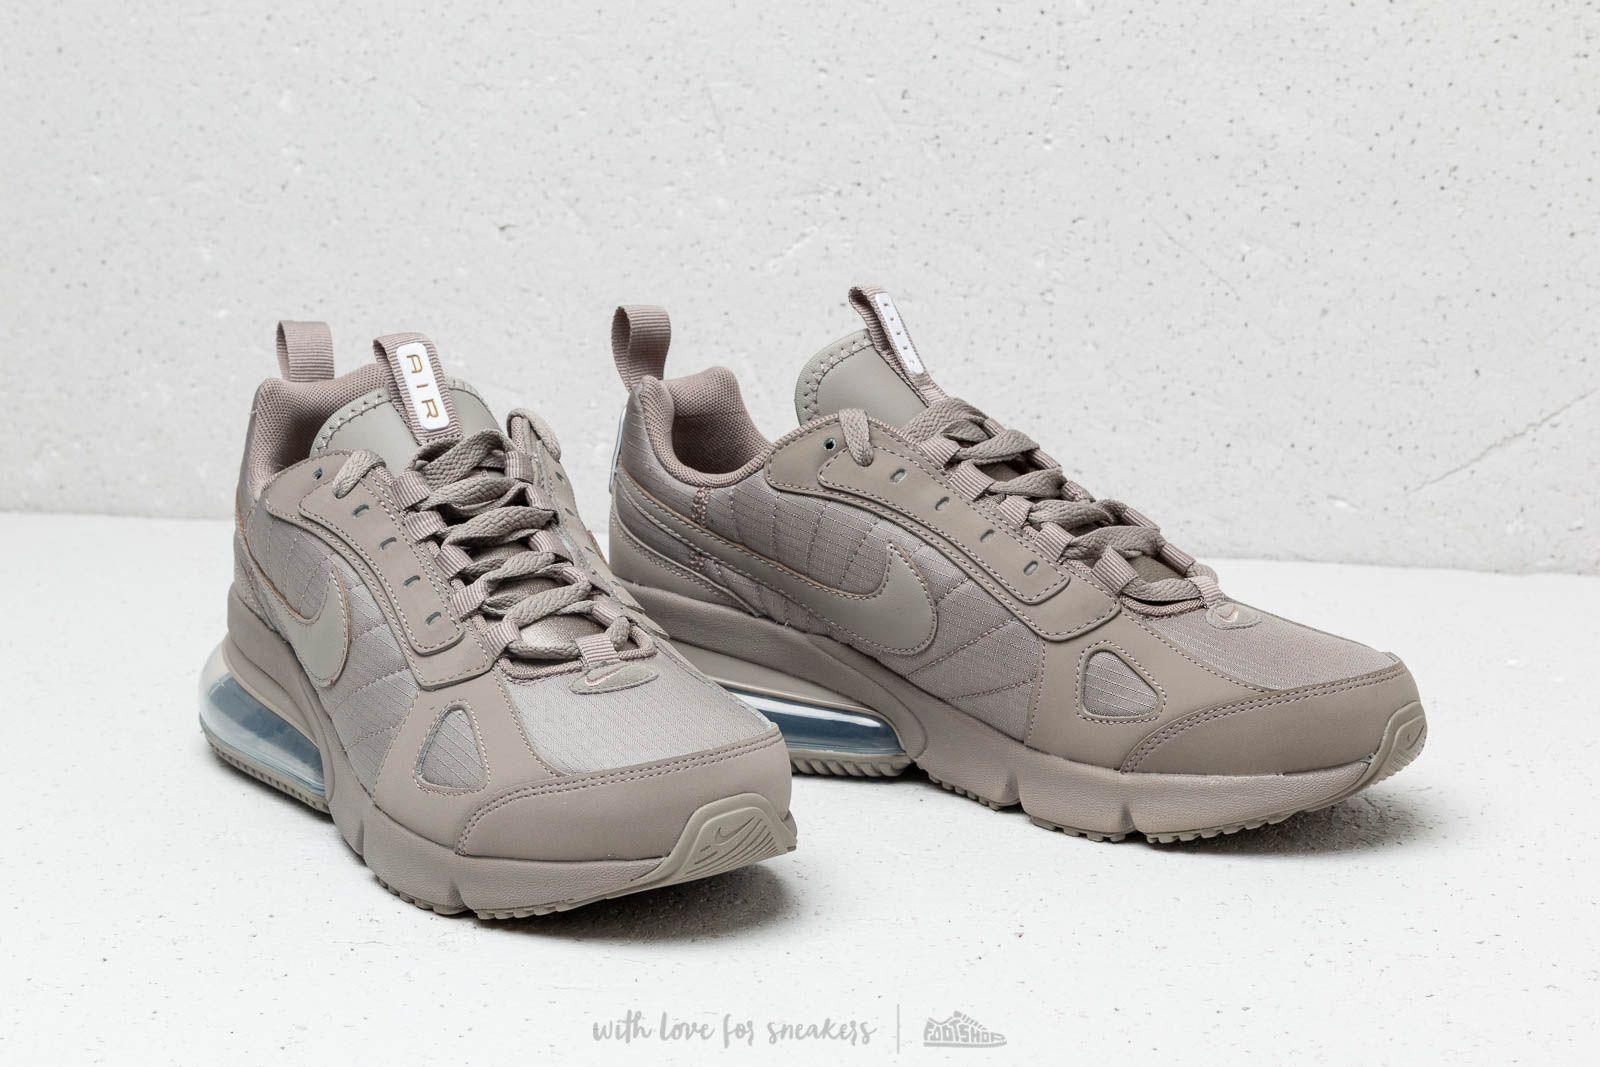 Ejercicio Turbina dulce  Men's shoes Nike Air Max 270 Futura Light Taupe/ Light Taupe | Footshop